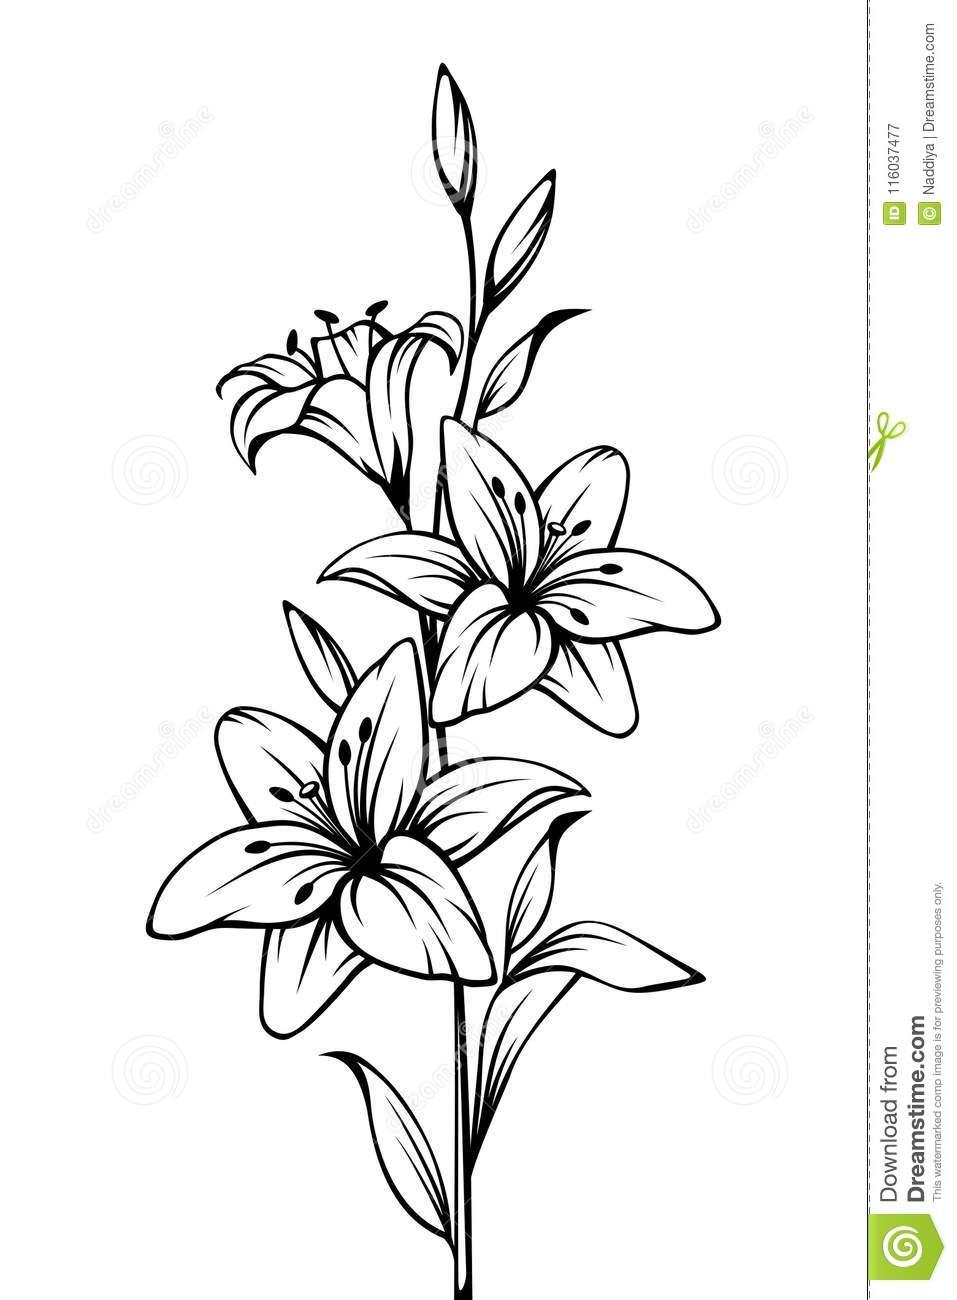 Fleurs De Lis Dessin Noir Et Blanc De Découpe De Vecteur encequiconcerne Fleurs À Découper